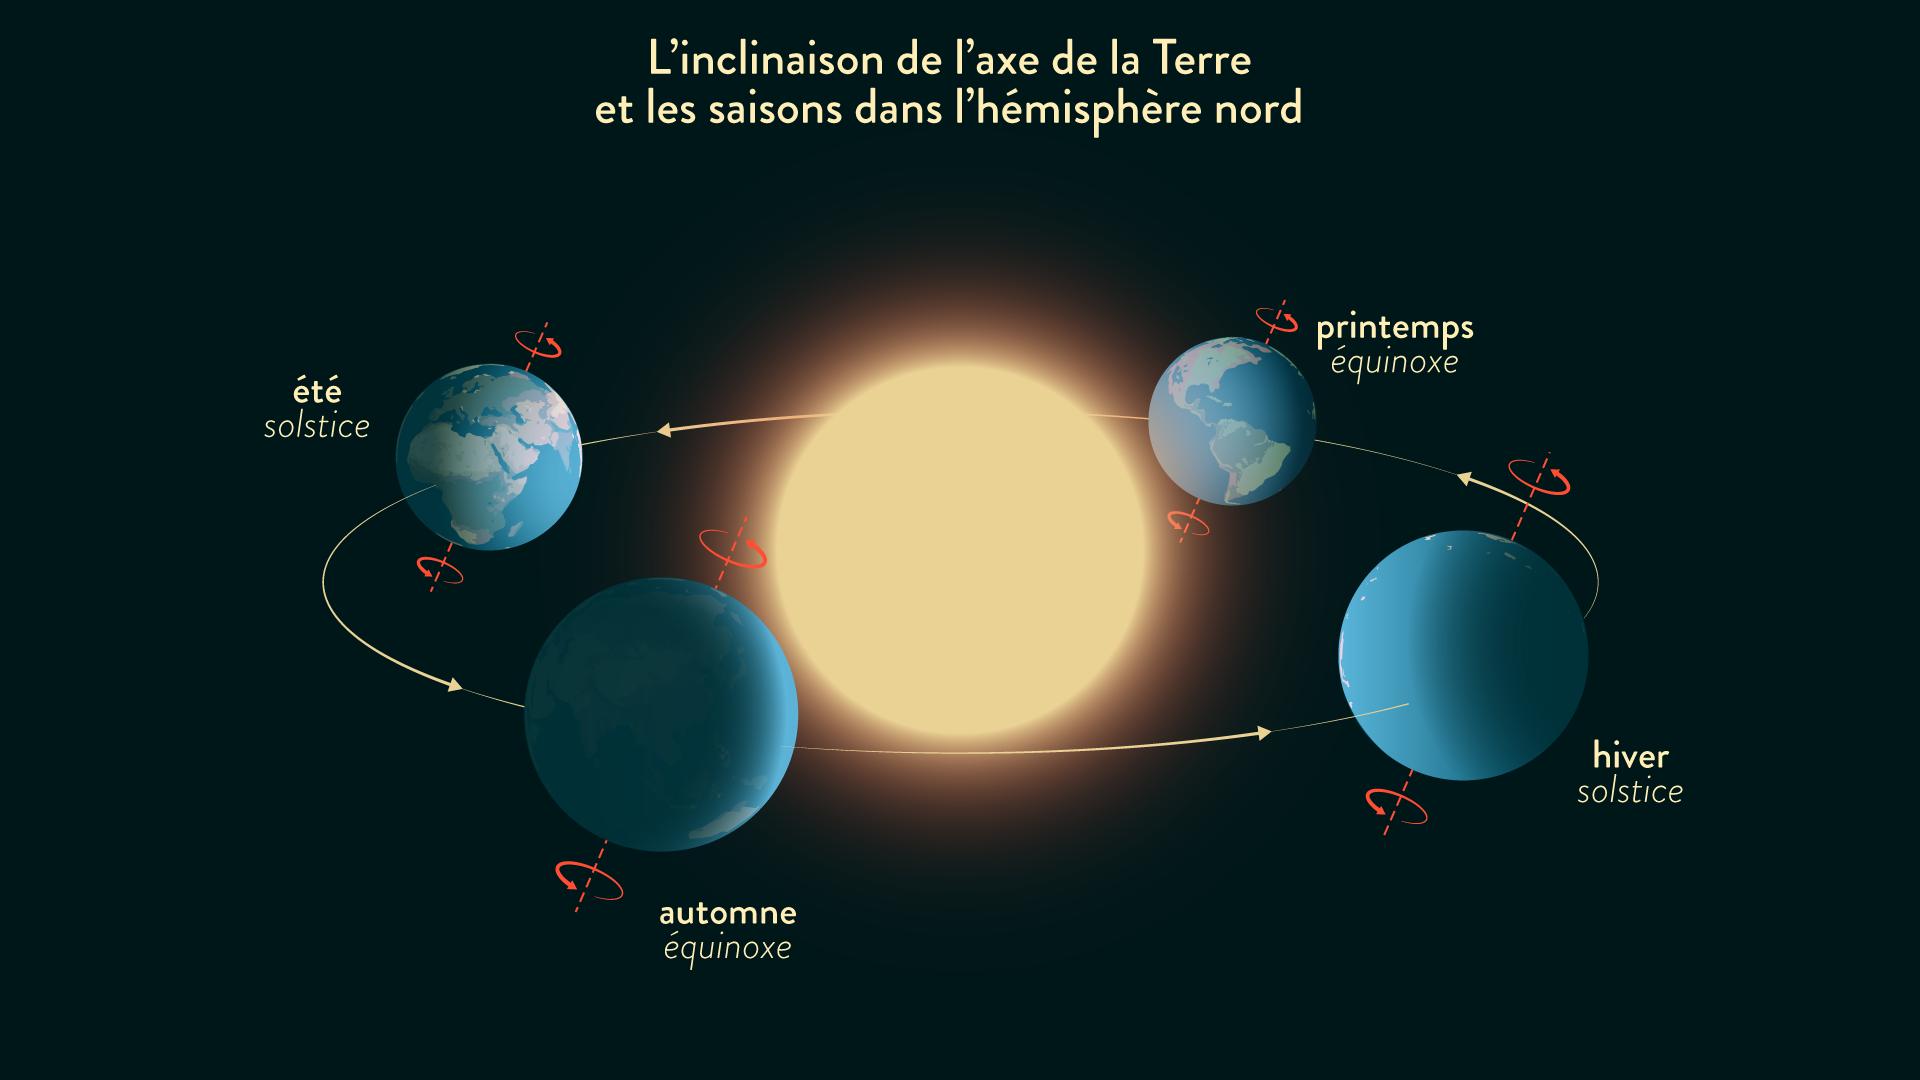 Inclinaison de l'axe de la Terre et les saisons dans l'hémisphère nord